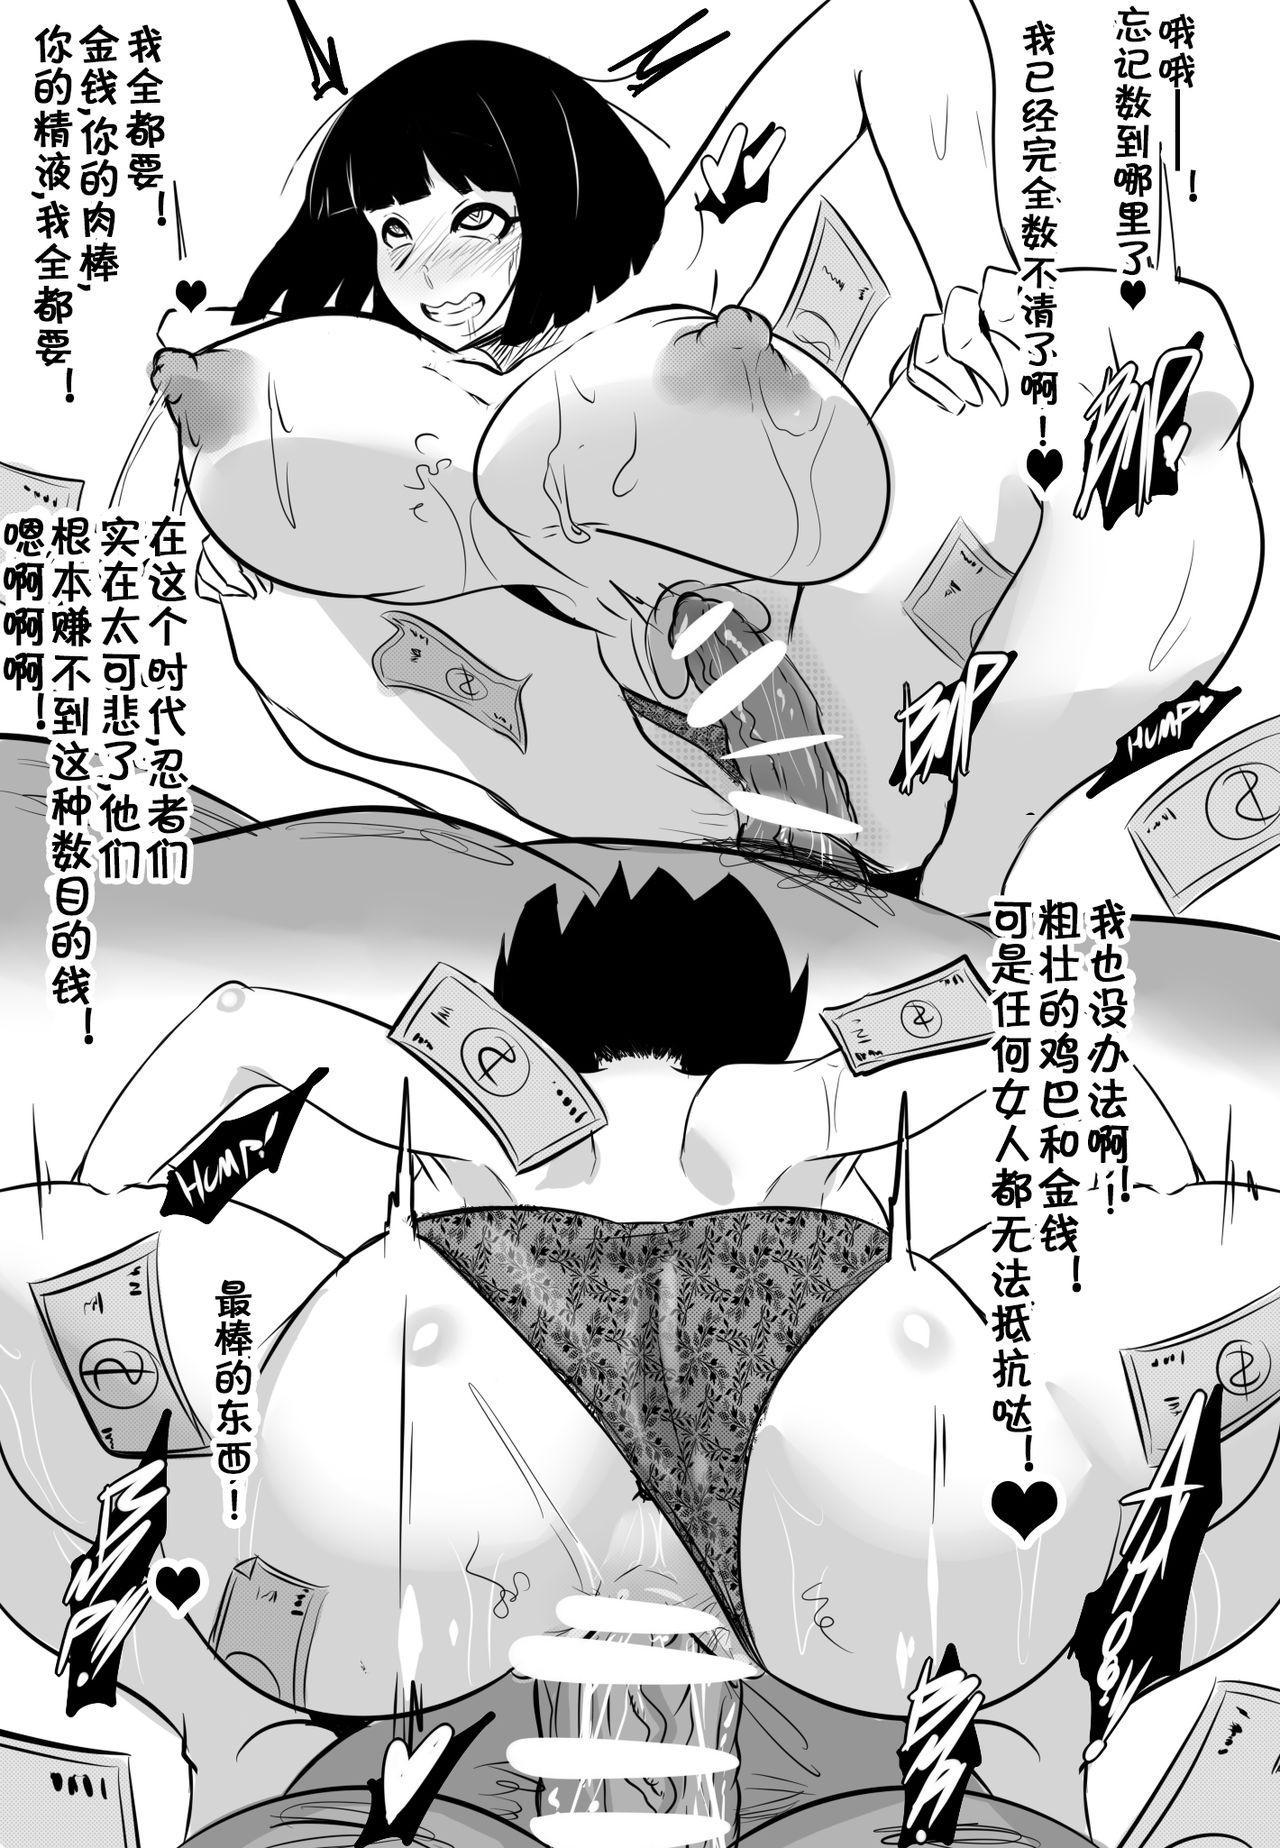 Wenching1 Censored 10